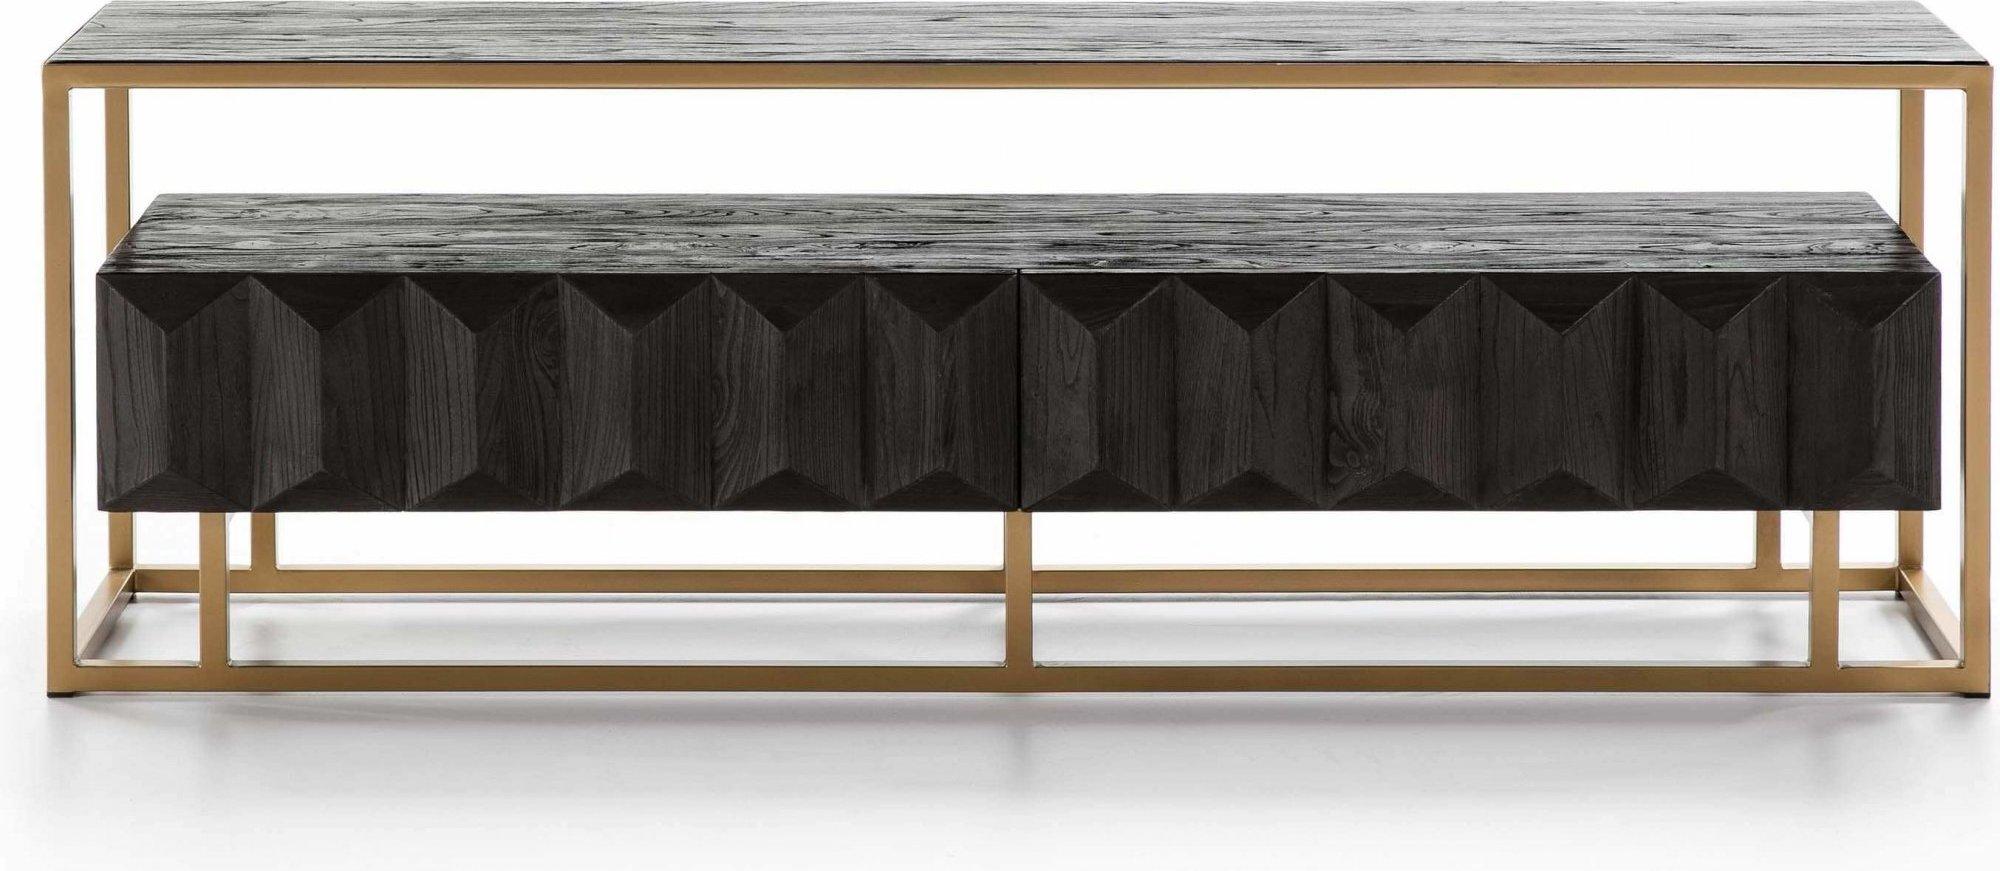 Meule tv en bois cérusé marron structure métal doré l180cm